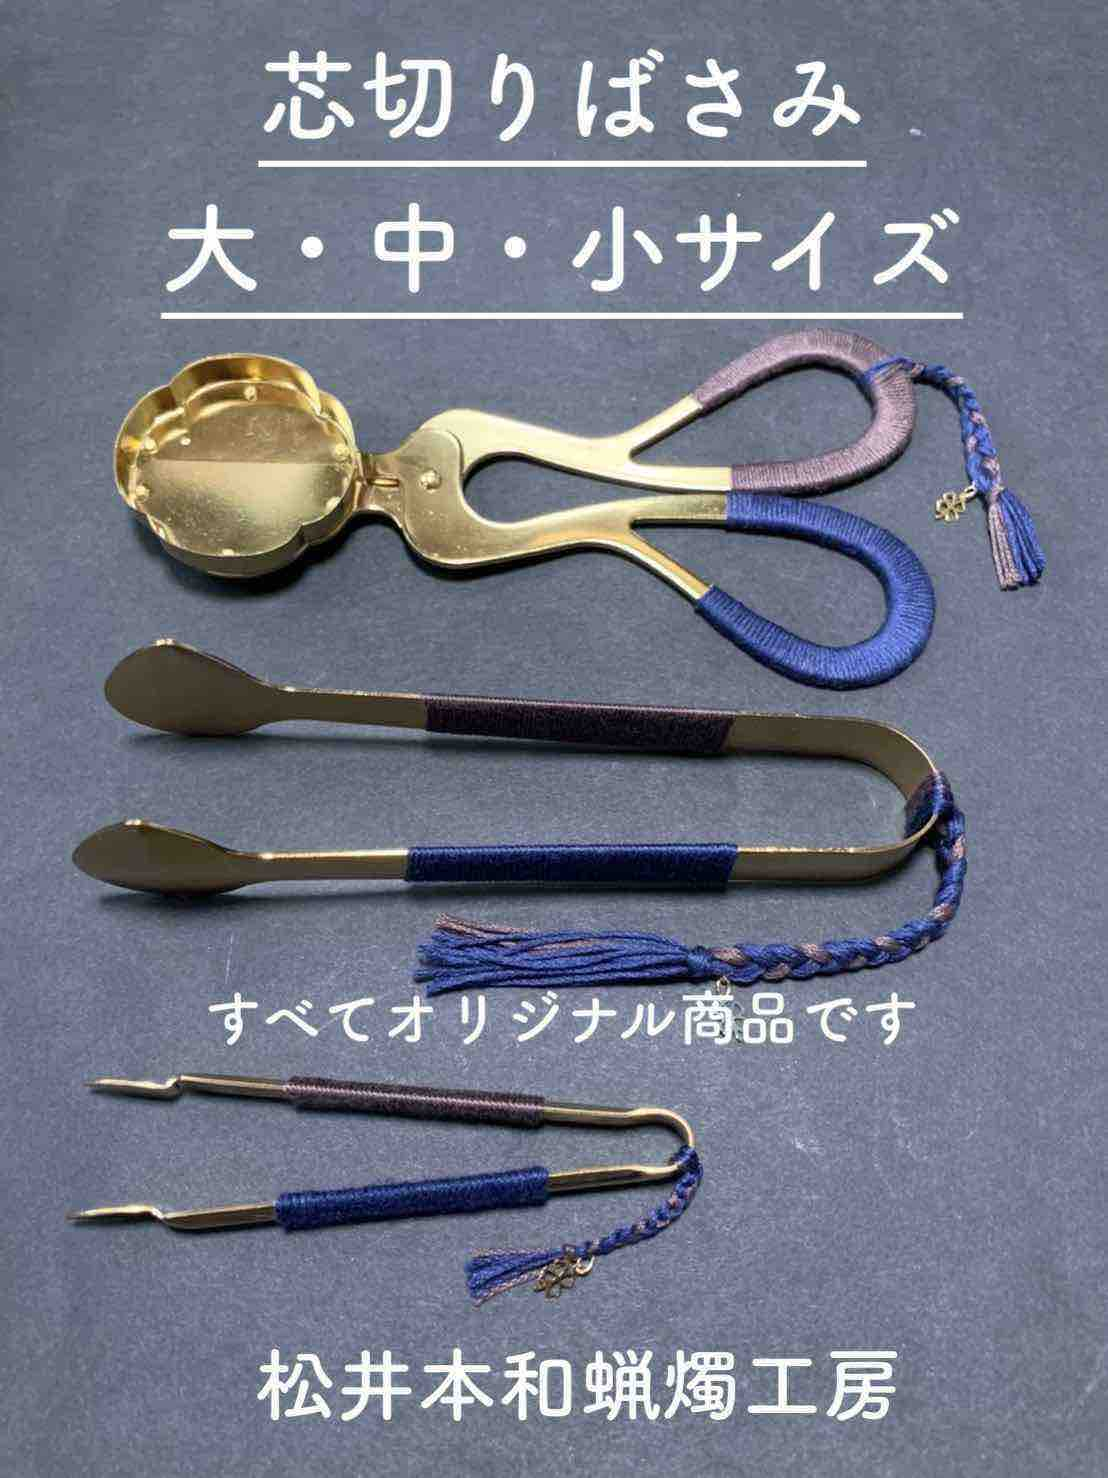 和ろうそくの備品の使い方と商品の紹介 芯切りと火消しの方法